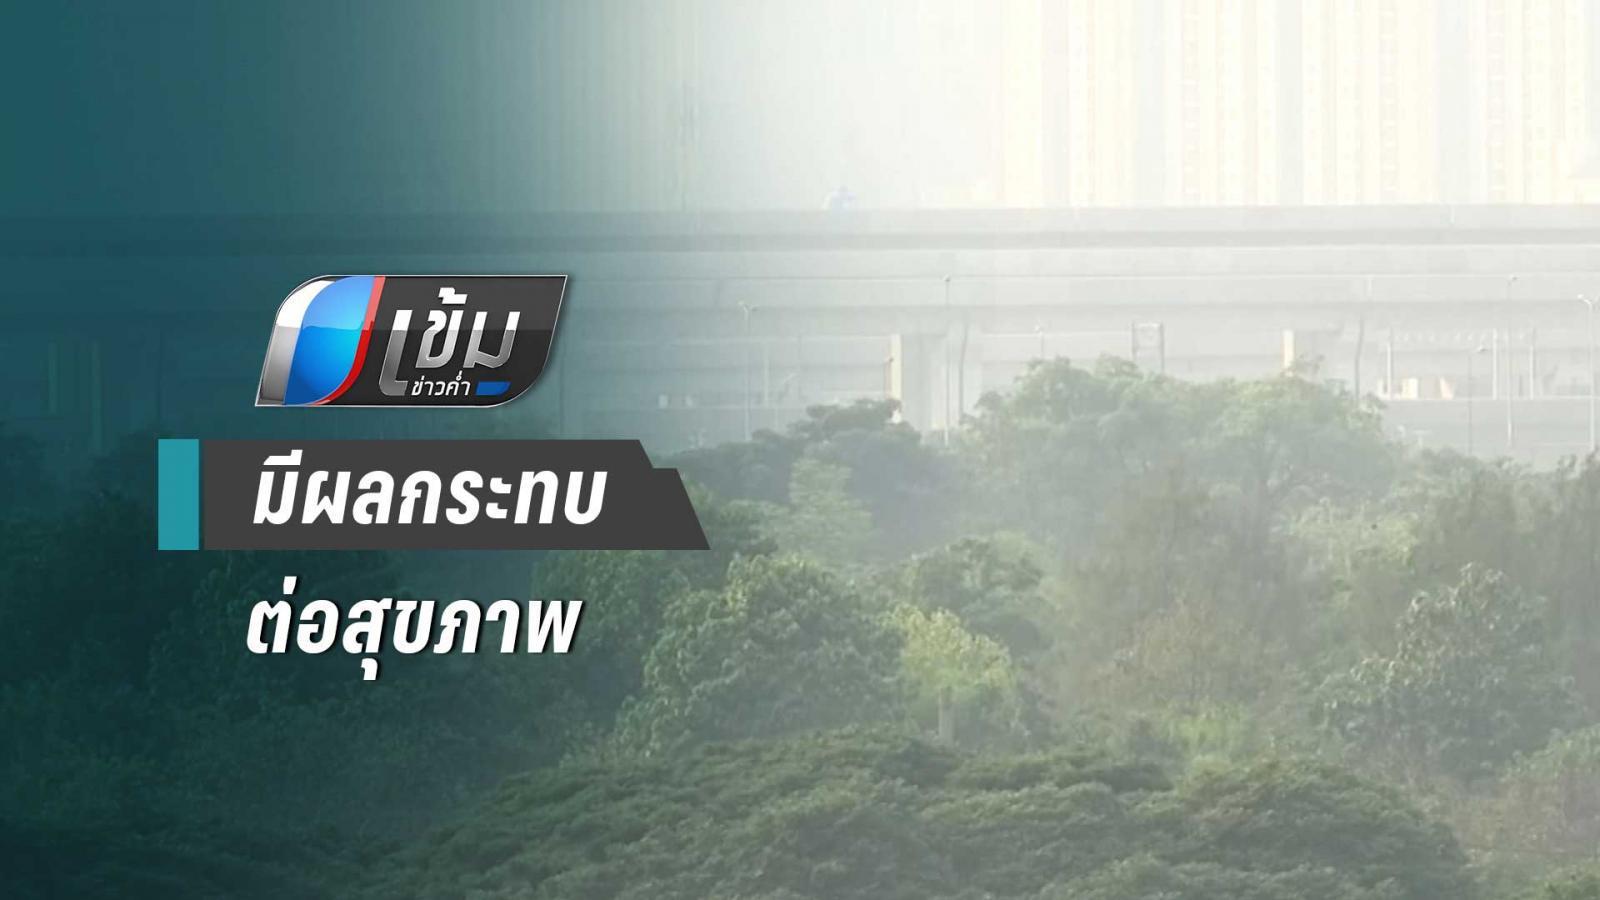 """ฝุ่นปกคลุมเมืองกรุงฯ """"PM 2.5"""" พุ่งสูงสุดในรอบเดือน"""